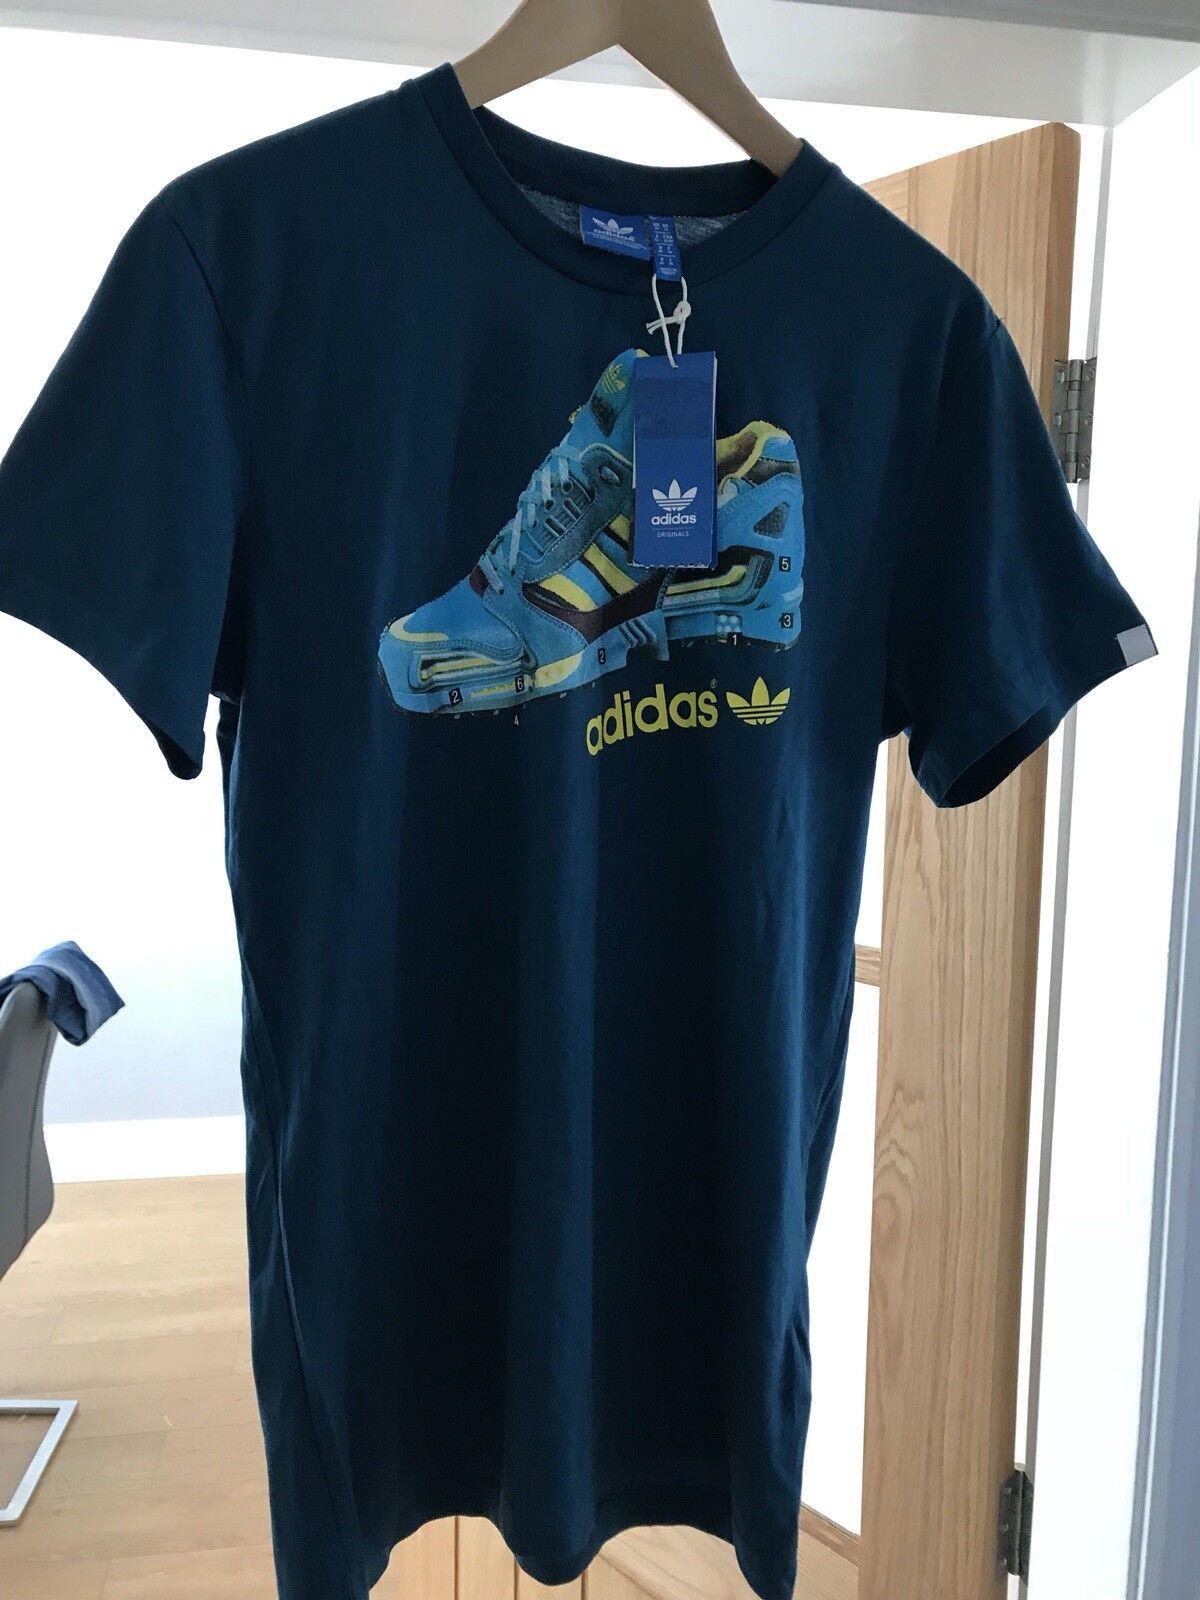 461b684f06a98e Adidas ZX 8000 T- Shirt Medium BNWT Rare Size Aqua nnolbo2277-T-Shirts